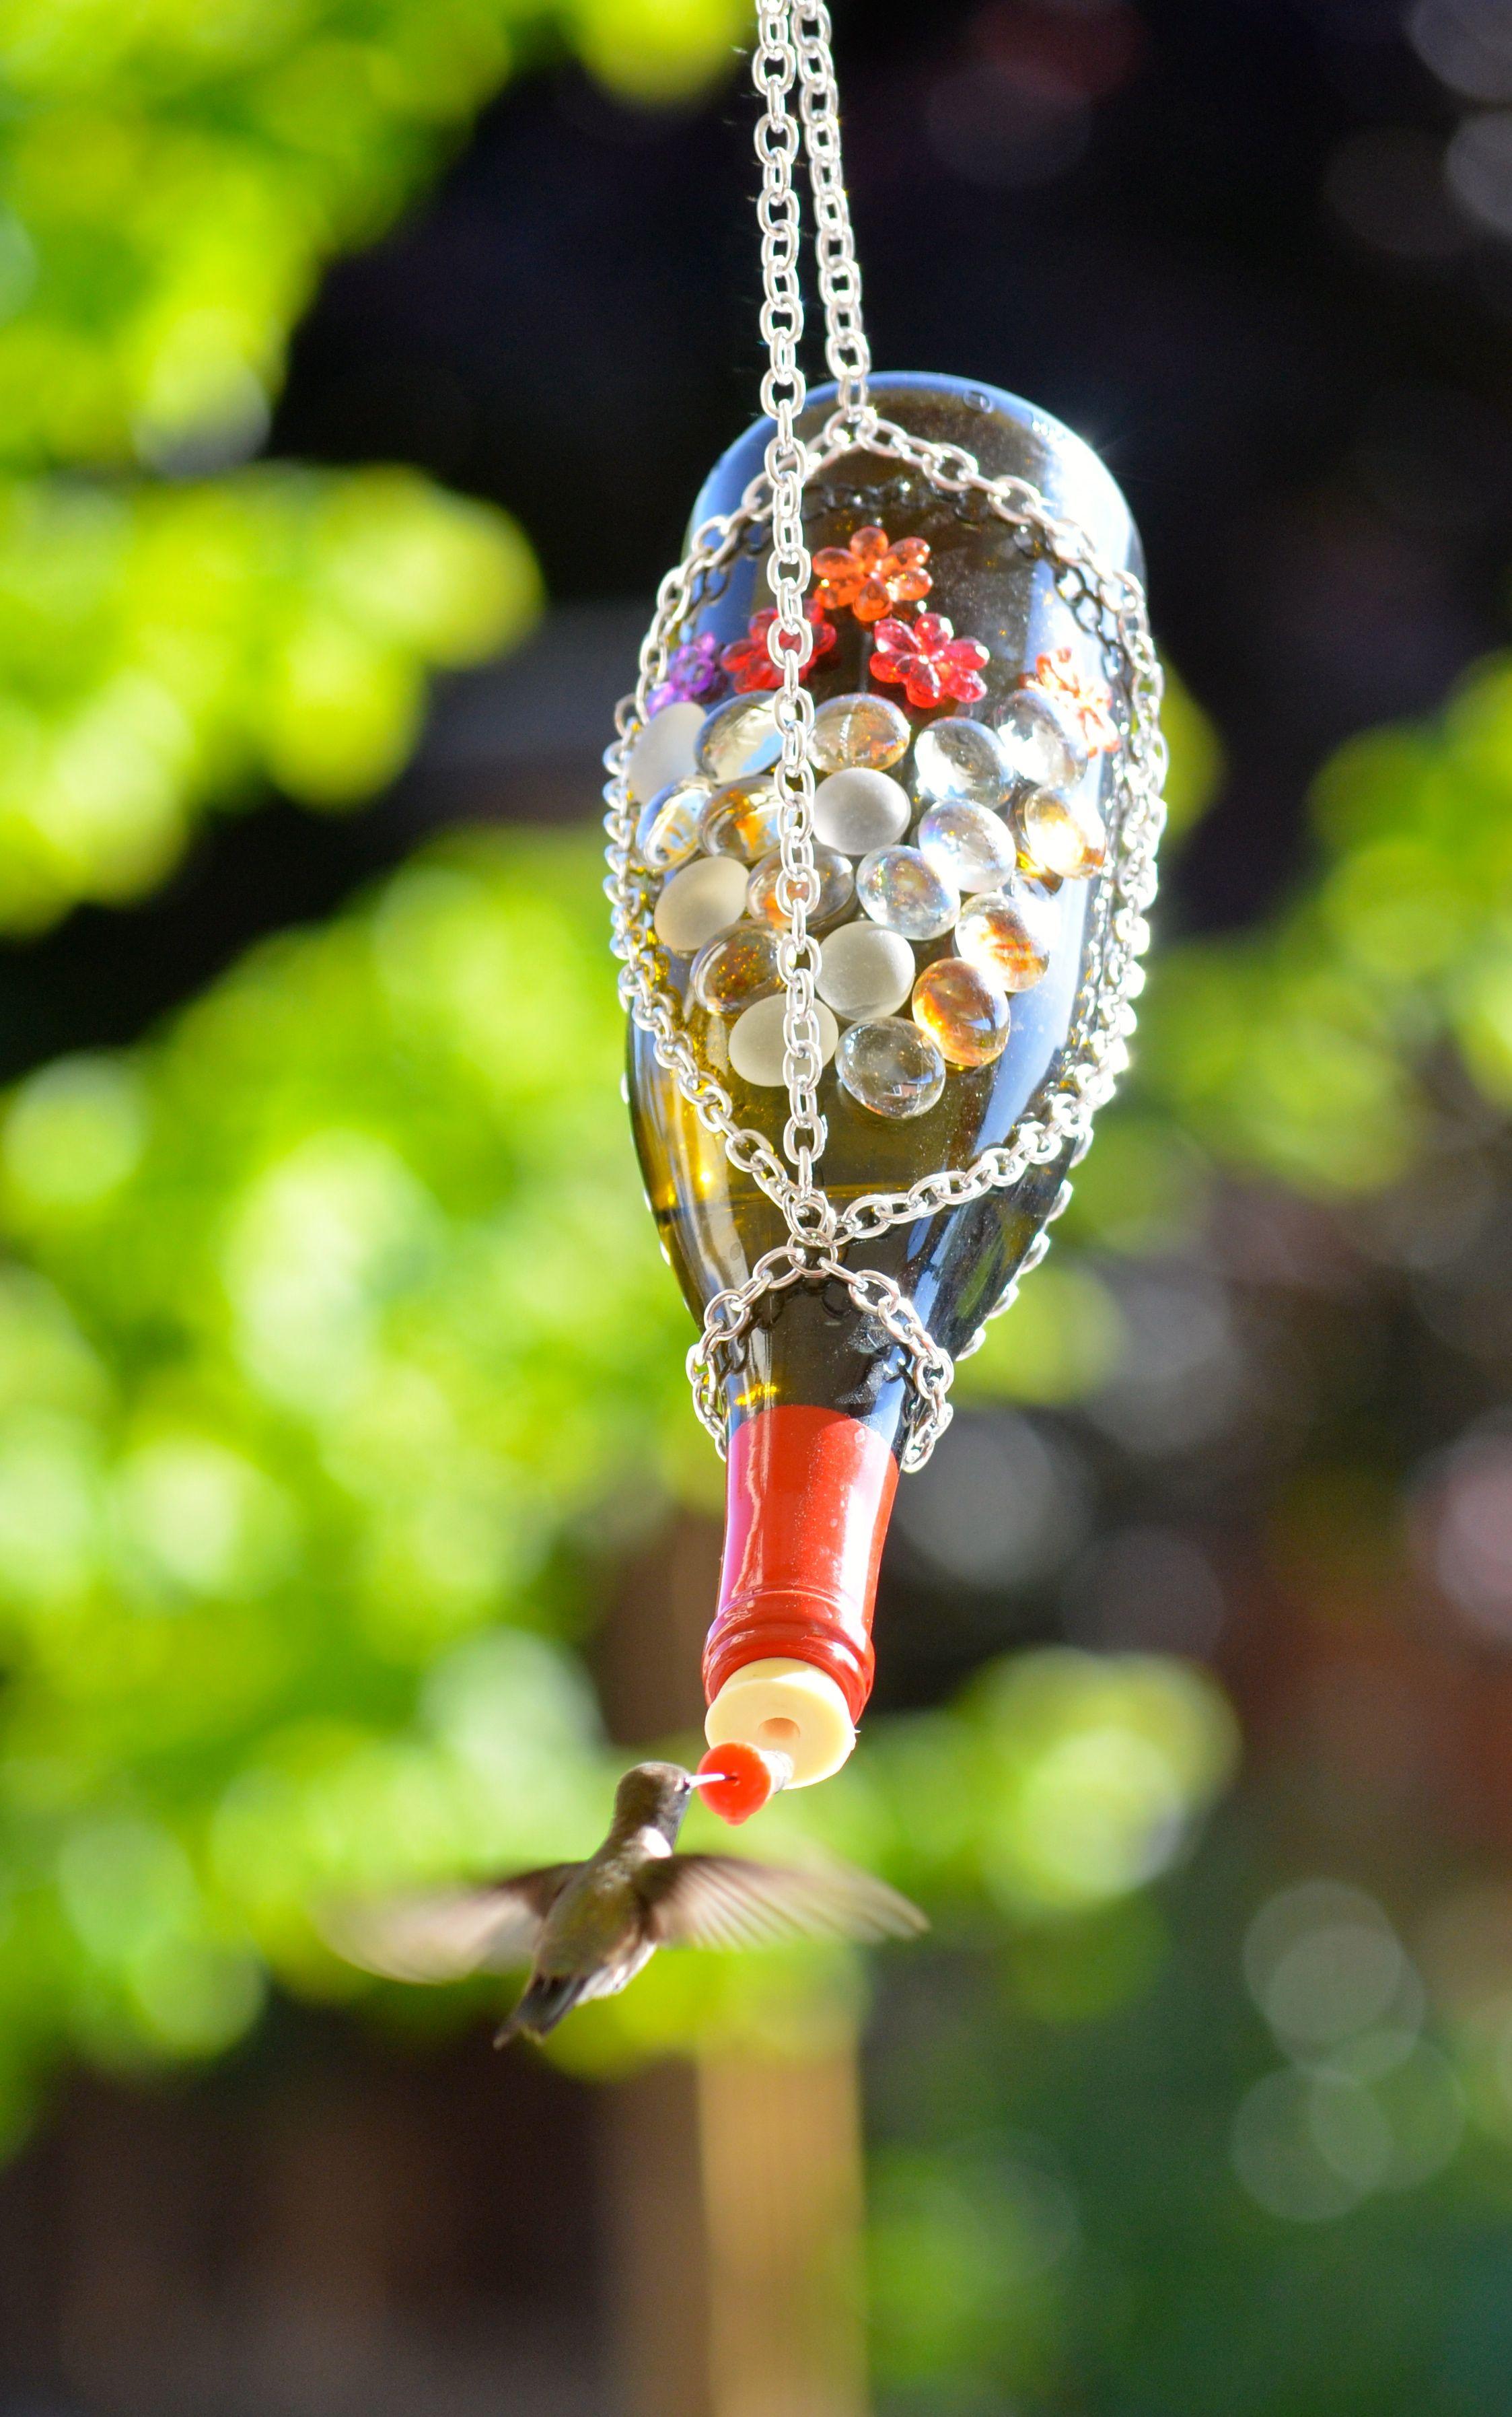 Wine Bottle Hummingbird Feeder » | Diy bird feeder, Humming bird feeders, Bird feeders